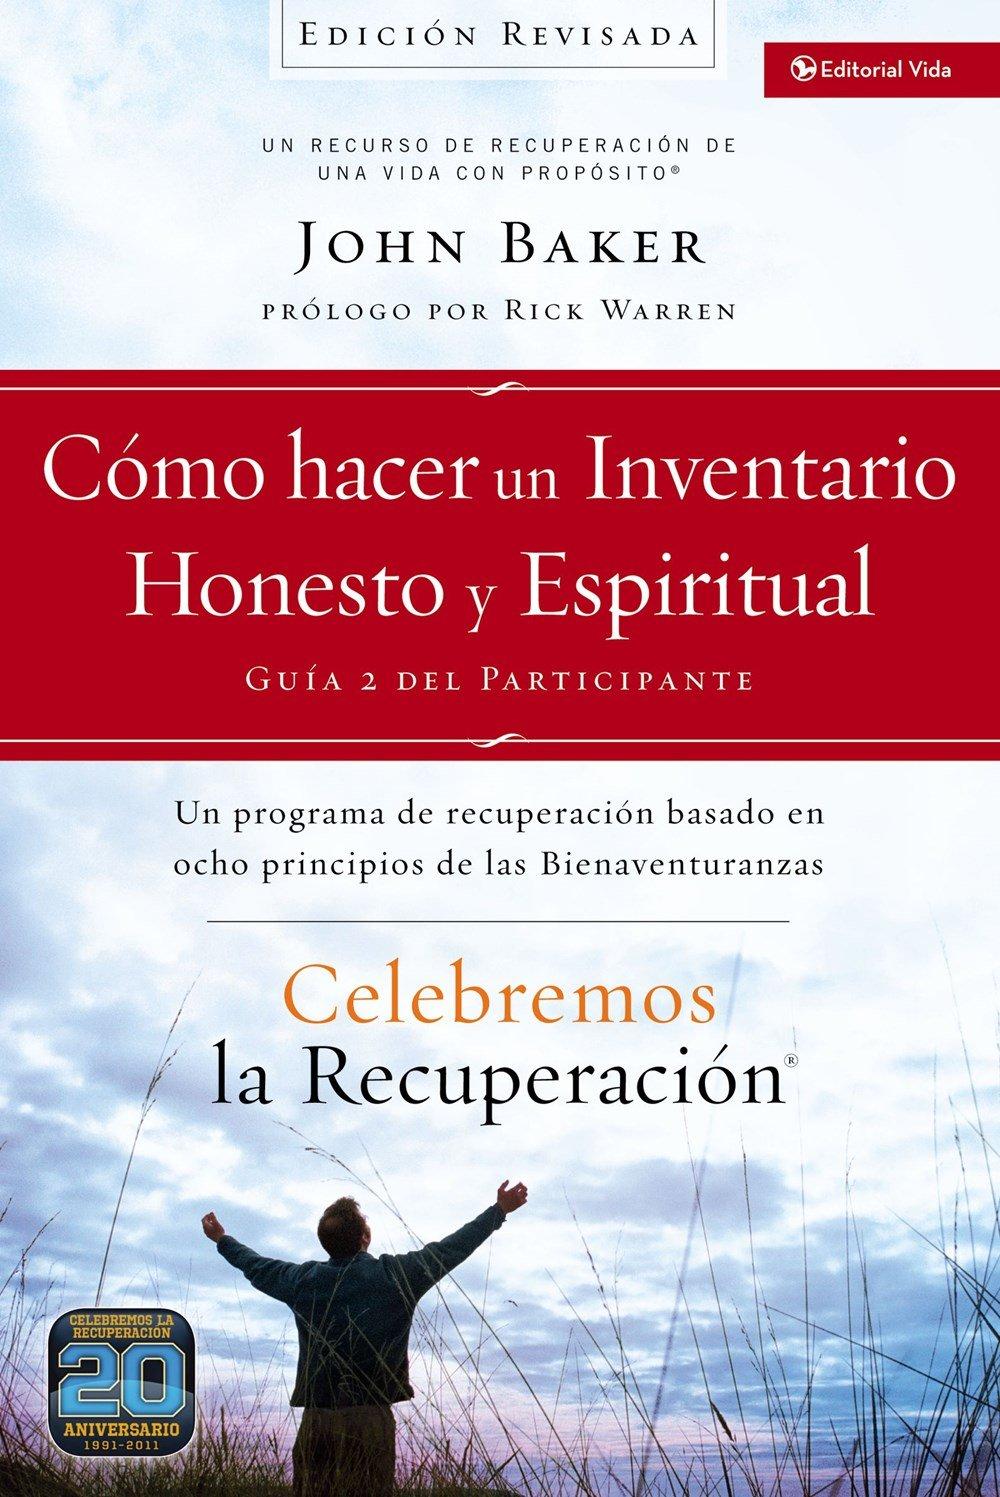 Download Celebremos la recuperación Guía 2: Cómo hacer un inventario honesto y espiritual: Un programa de recuperación basado en ocho principios de las bienaventuranzas (Spanish Edition) pdf epub